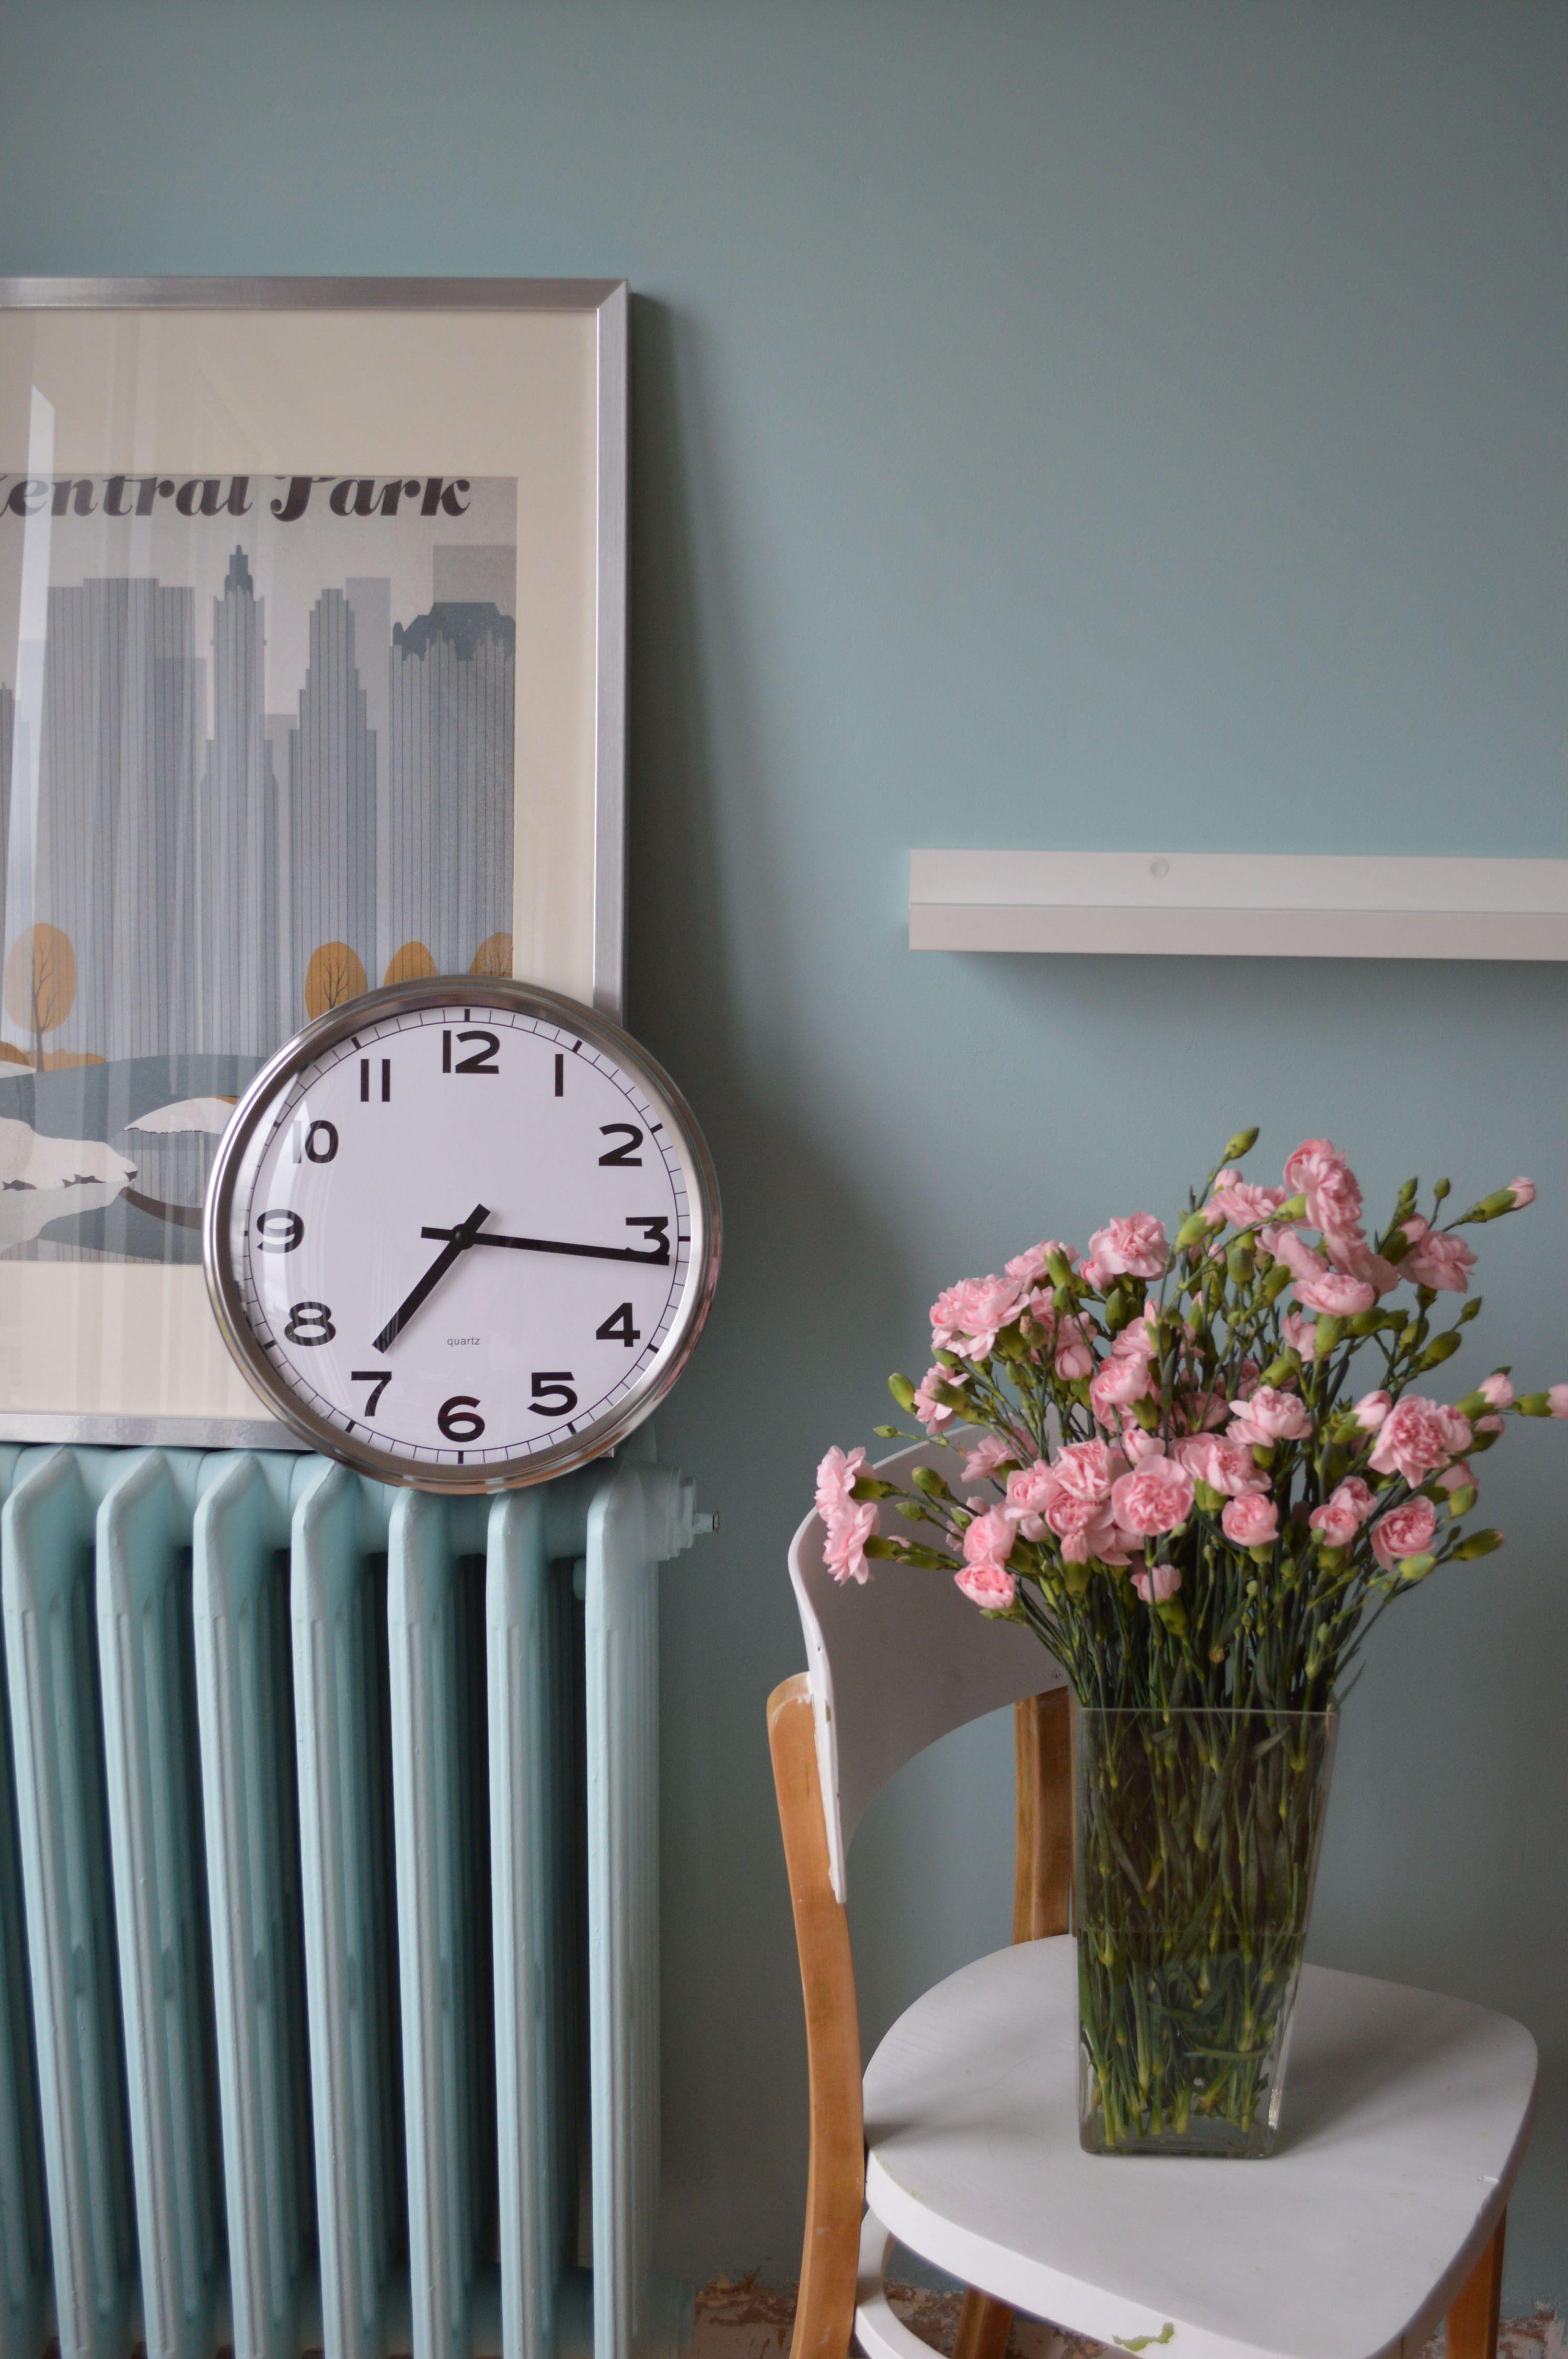 satinelle couleur bleu vintage sur le mur et le radiateur - Quelle Peinture Pour Radiateur